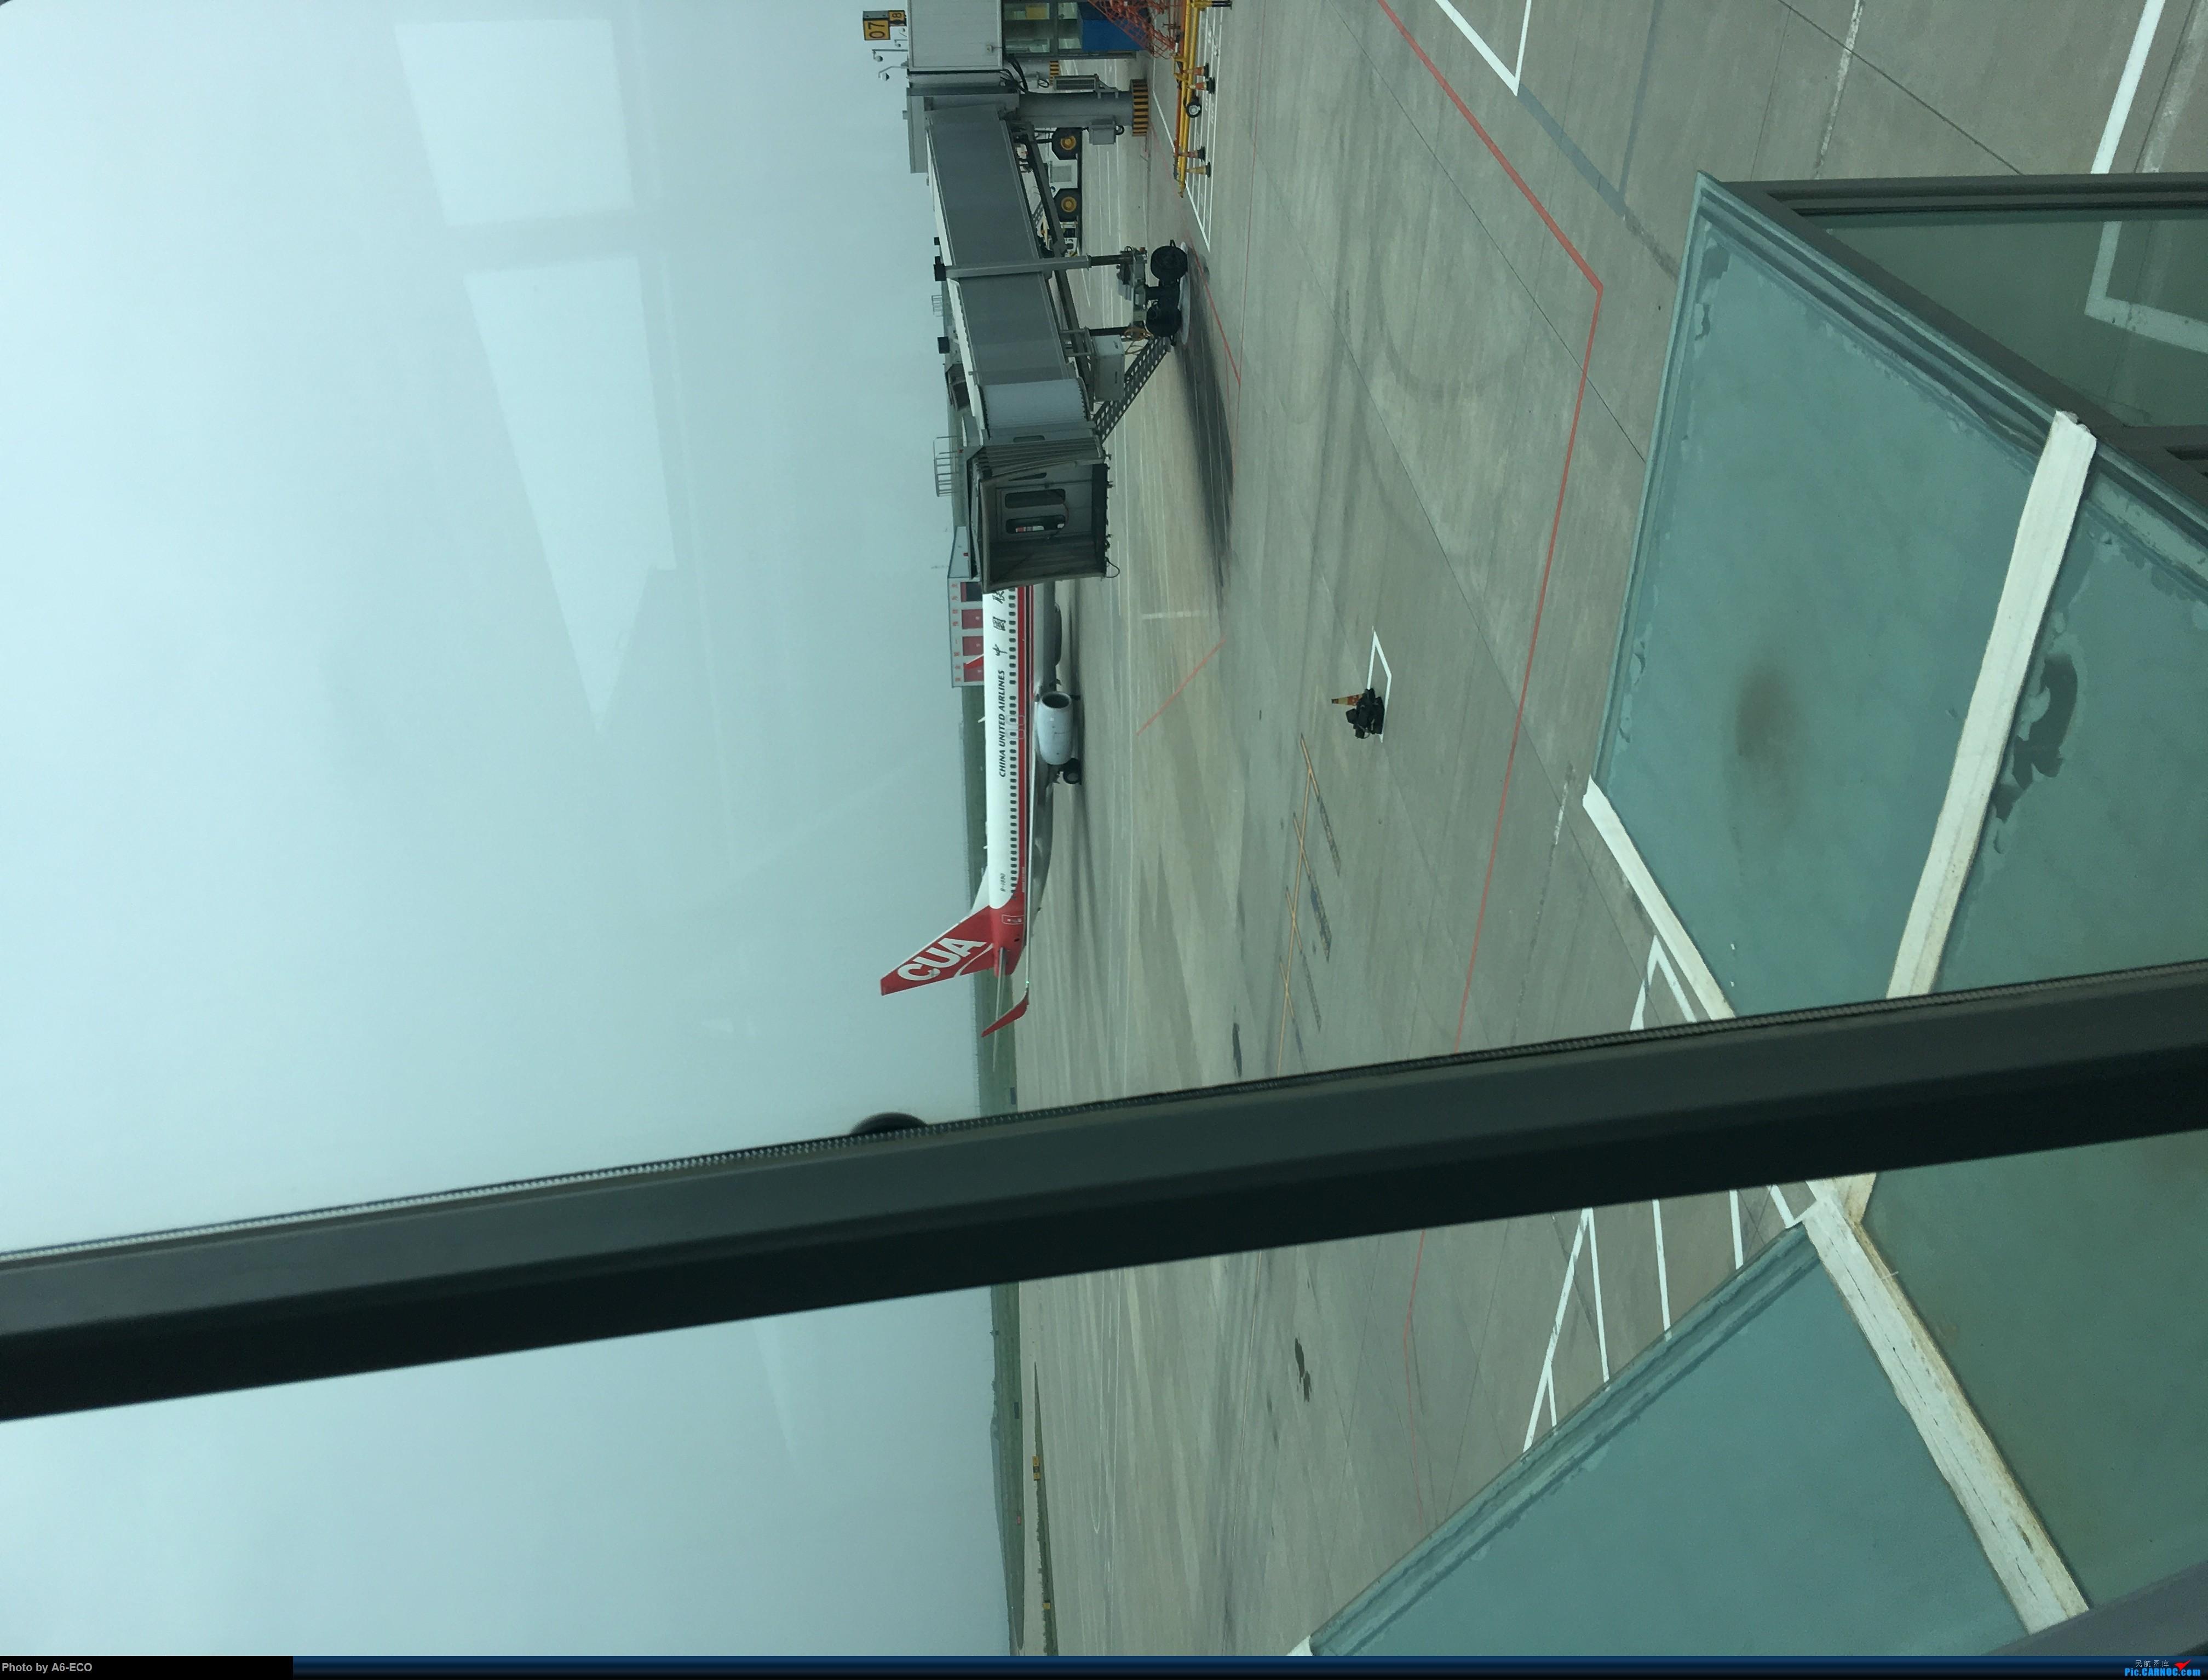 Re:[原创]#Siri旅行#dsn-pek,擦1144体验记 BOEING 737-800 B-1990 中国鄂尔多斯伊金霍洛机场